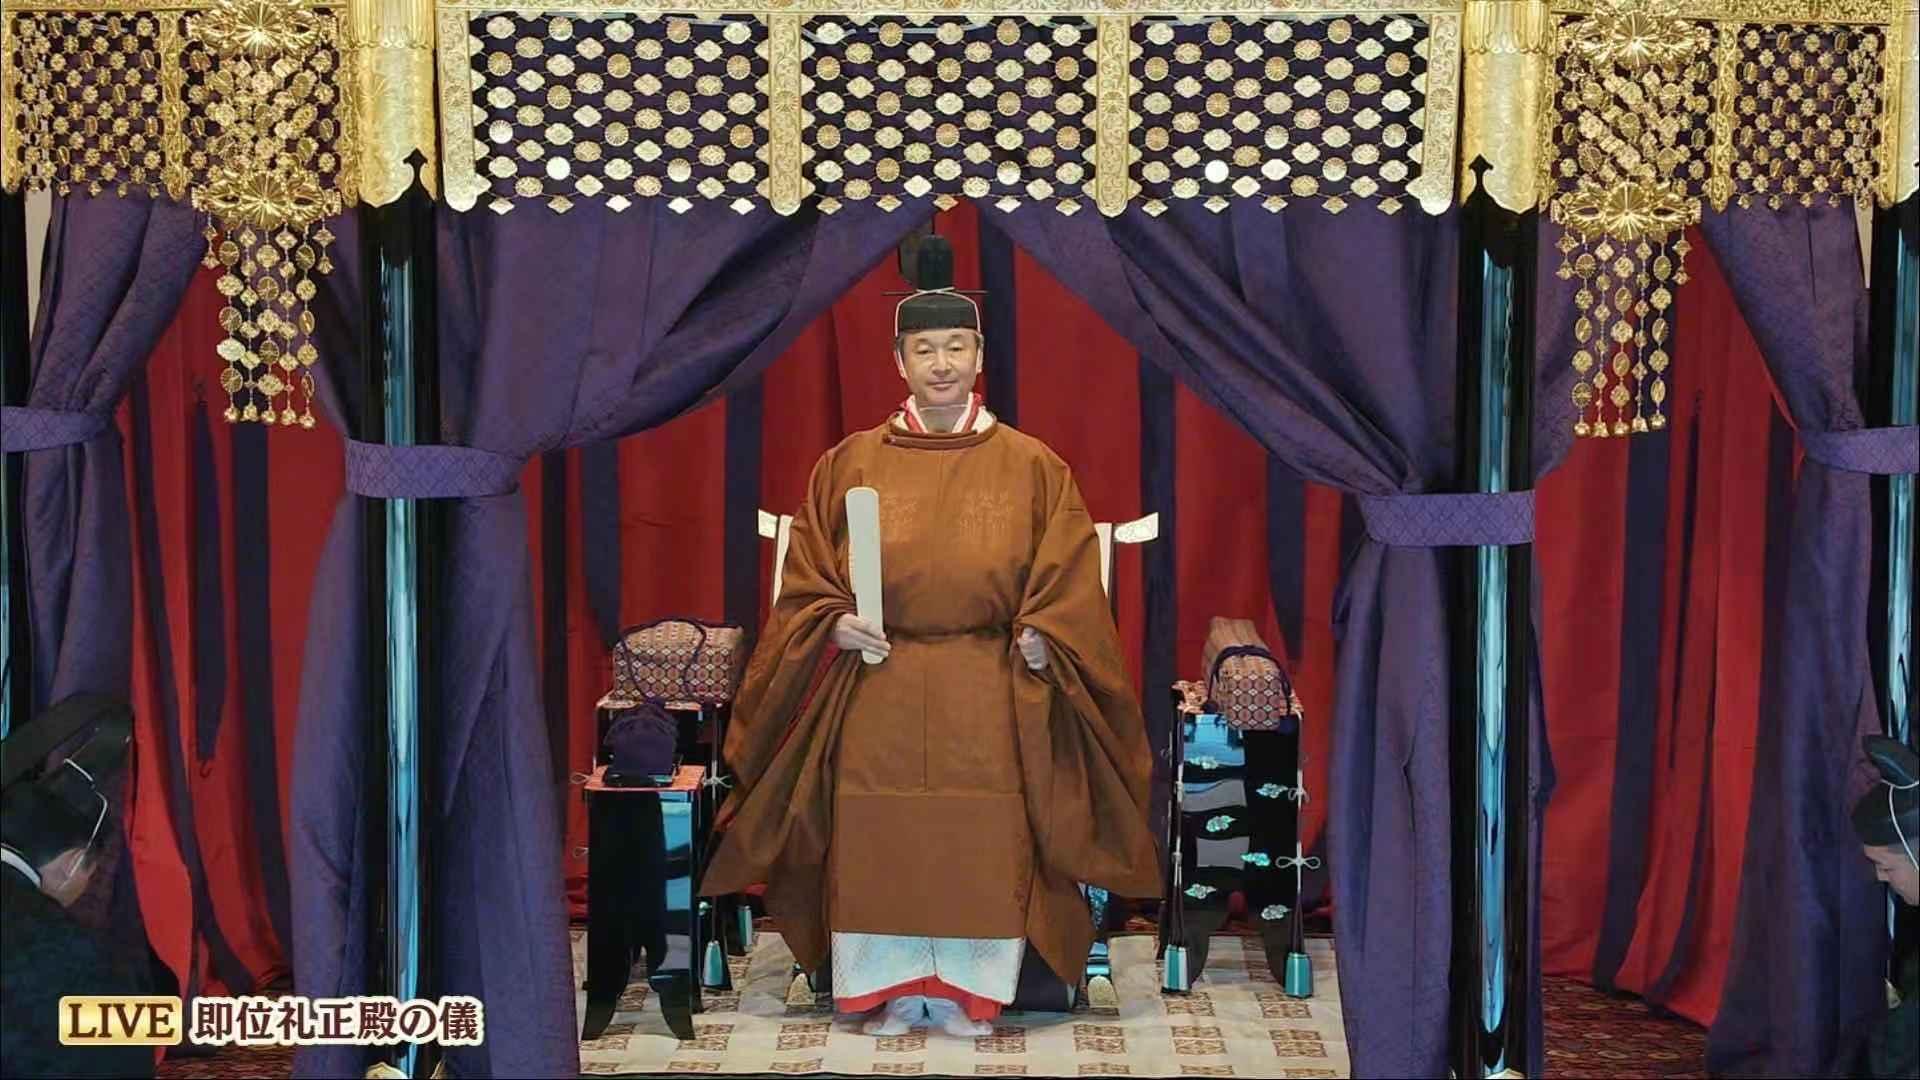 日本新天皇的即位礼 你能找到哪些中国文化的影子